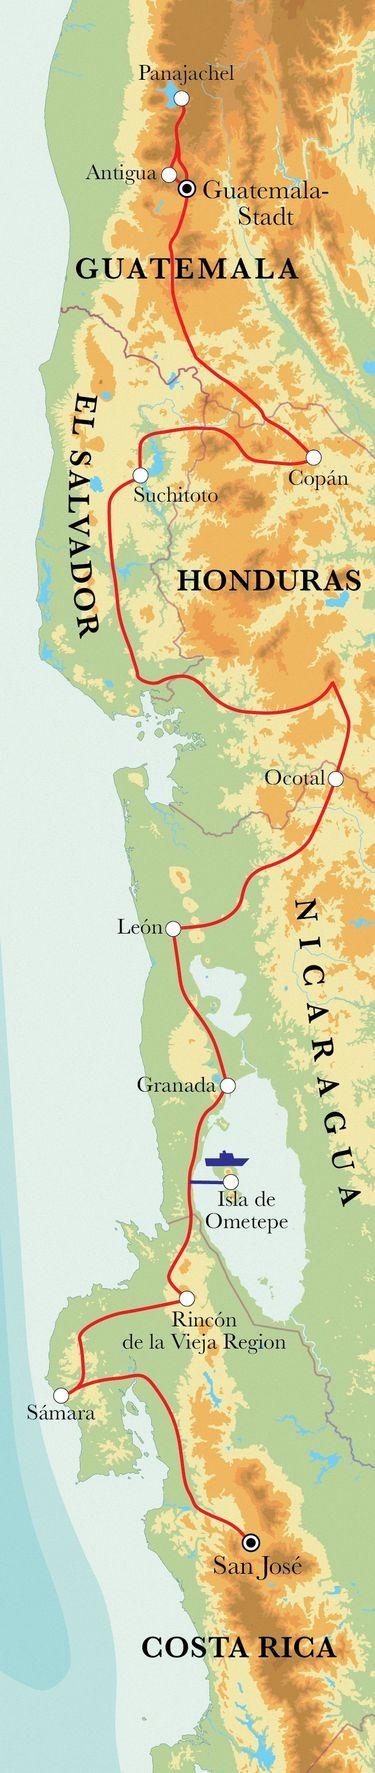 Route Rundreise Von San José nach Guatemala-Stadt, 22 Tage